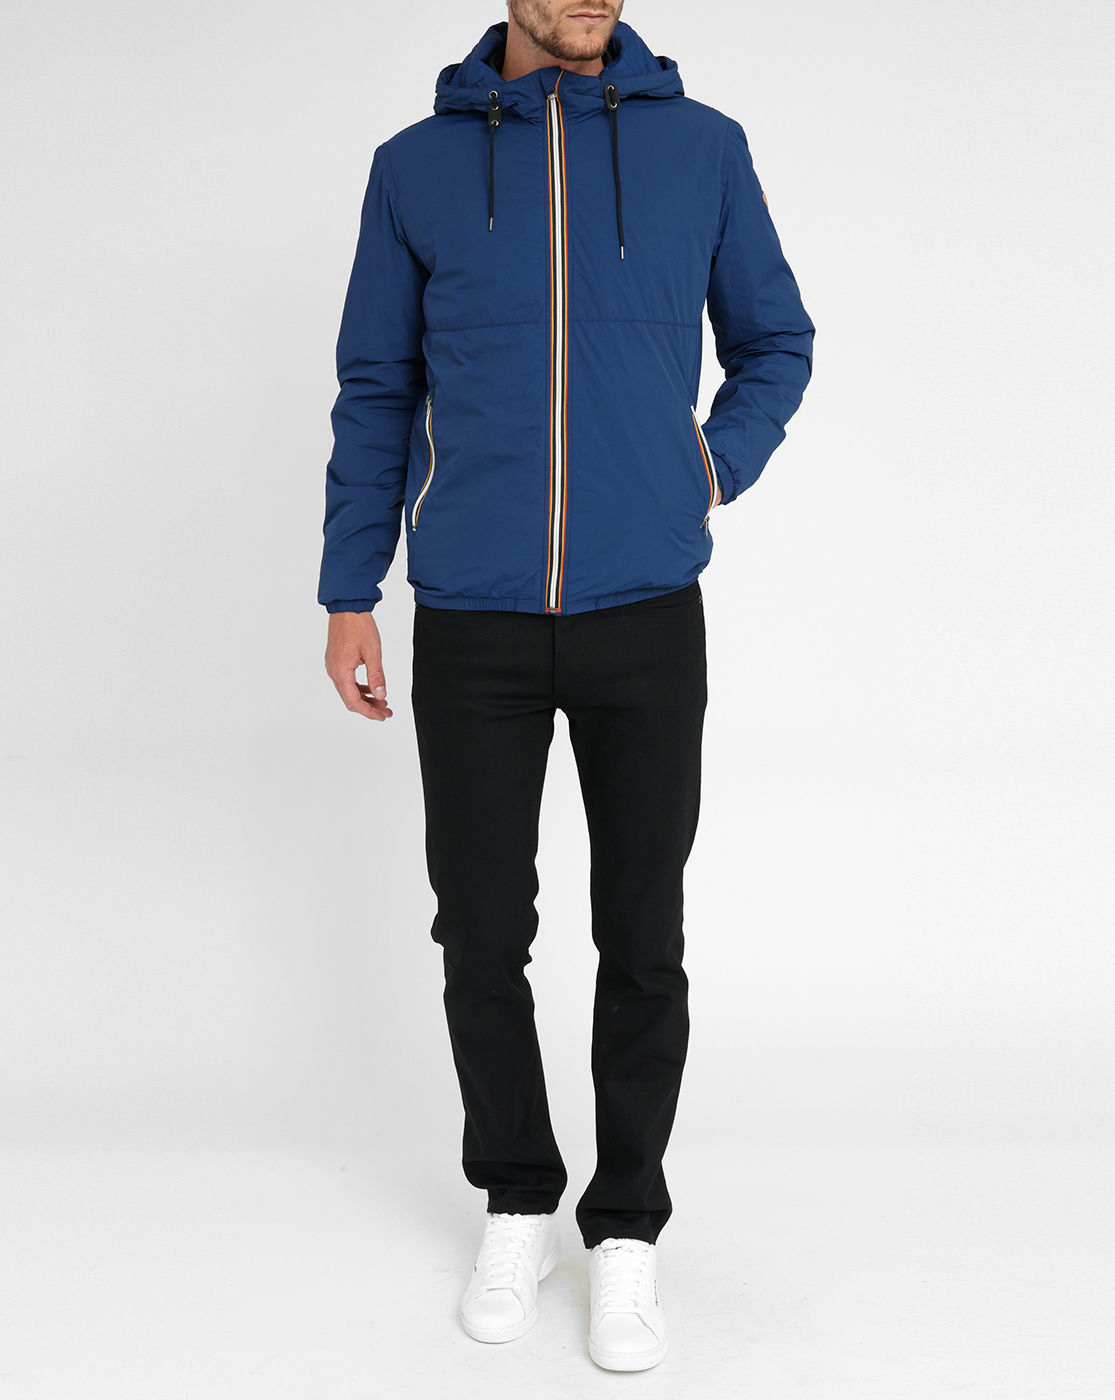 jack jones jacket in blue for men lyst. Black Bedroom Furniture Sets. Home Design Ideas